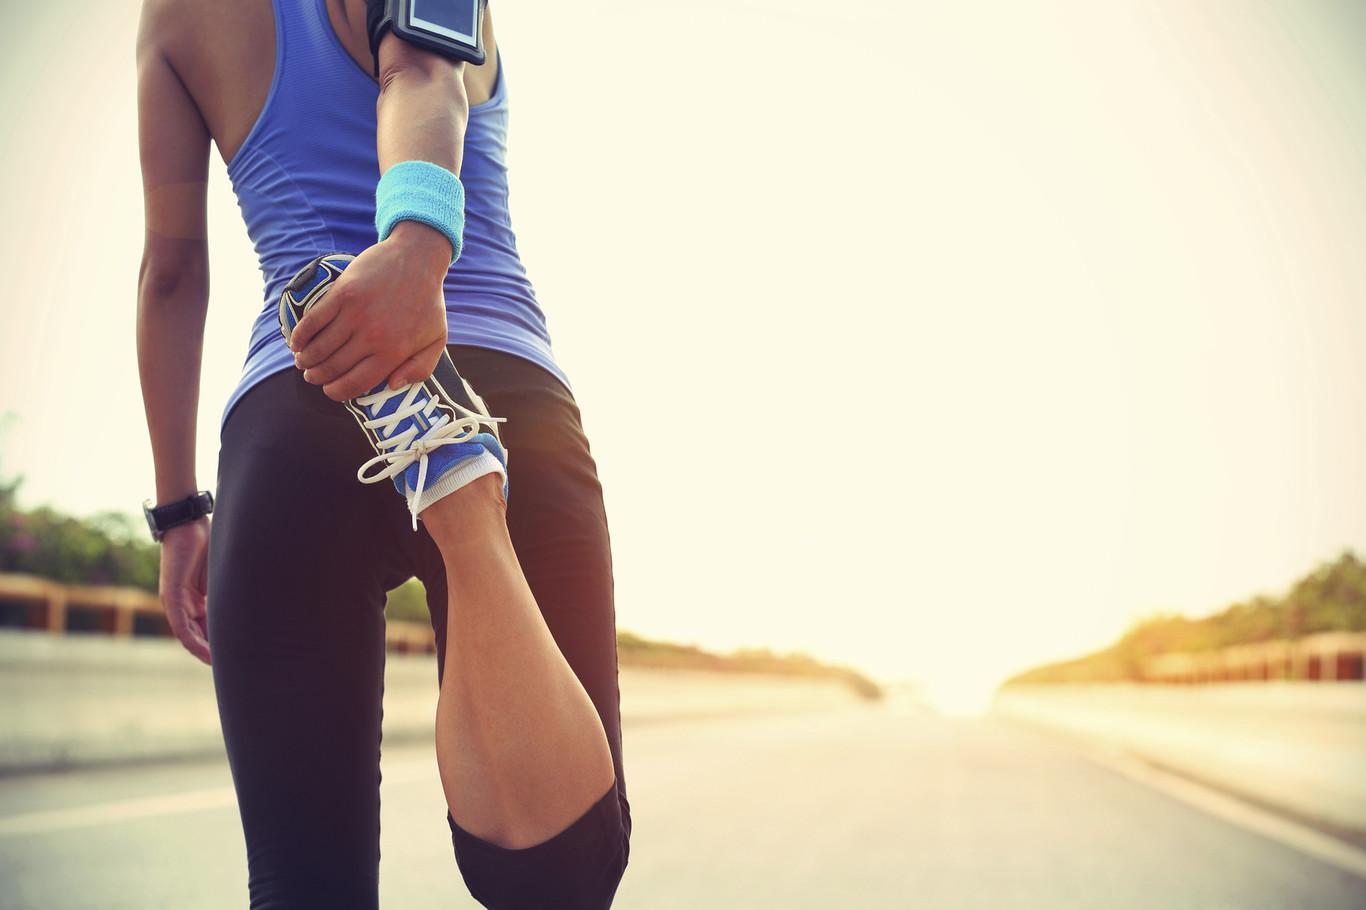 Cómo variar tu entrenamiento de running: rompe la monotonía cuando sales a correr